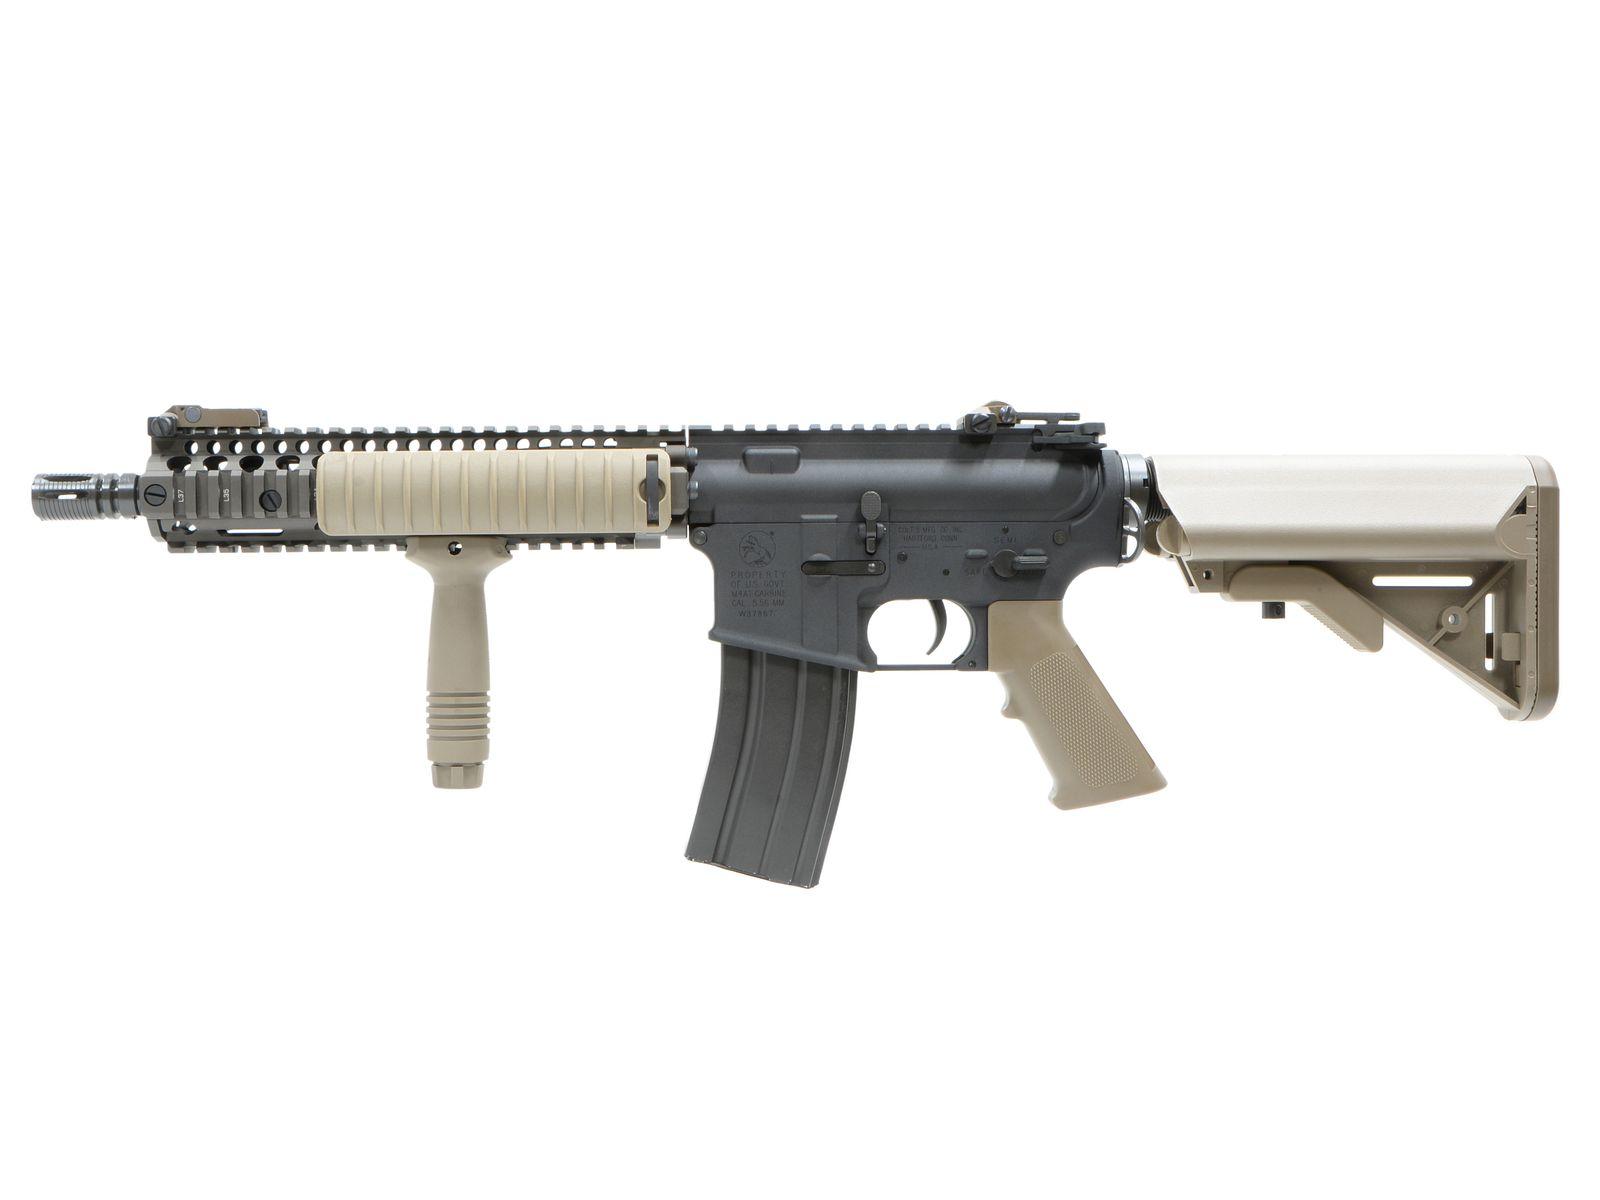 VF1-LMK18M1